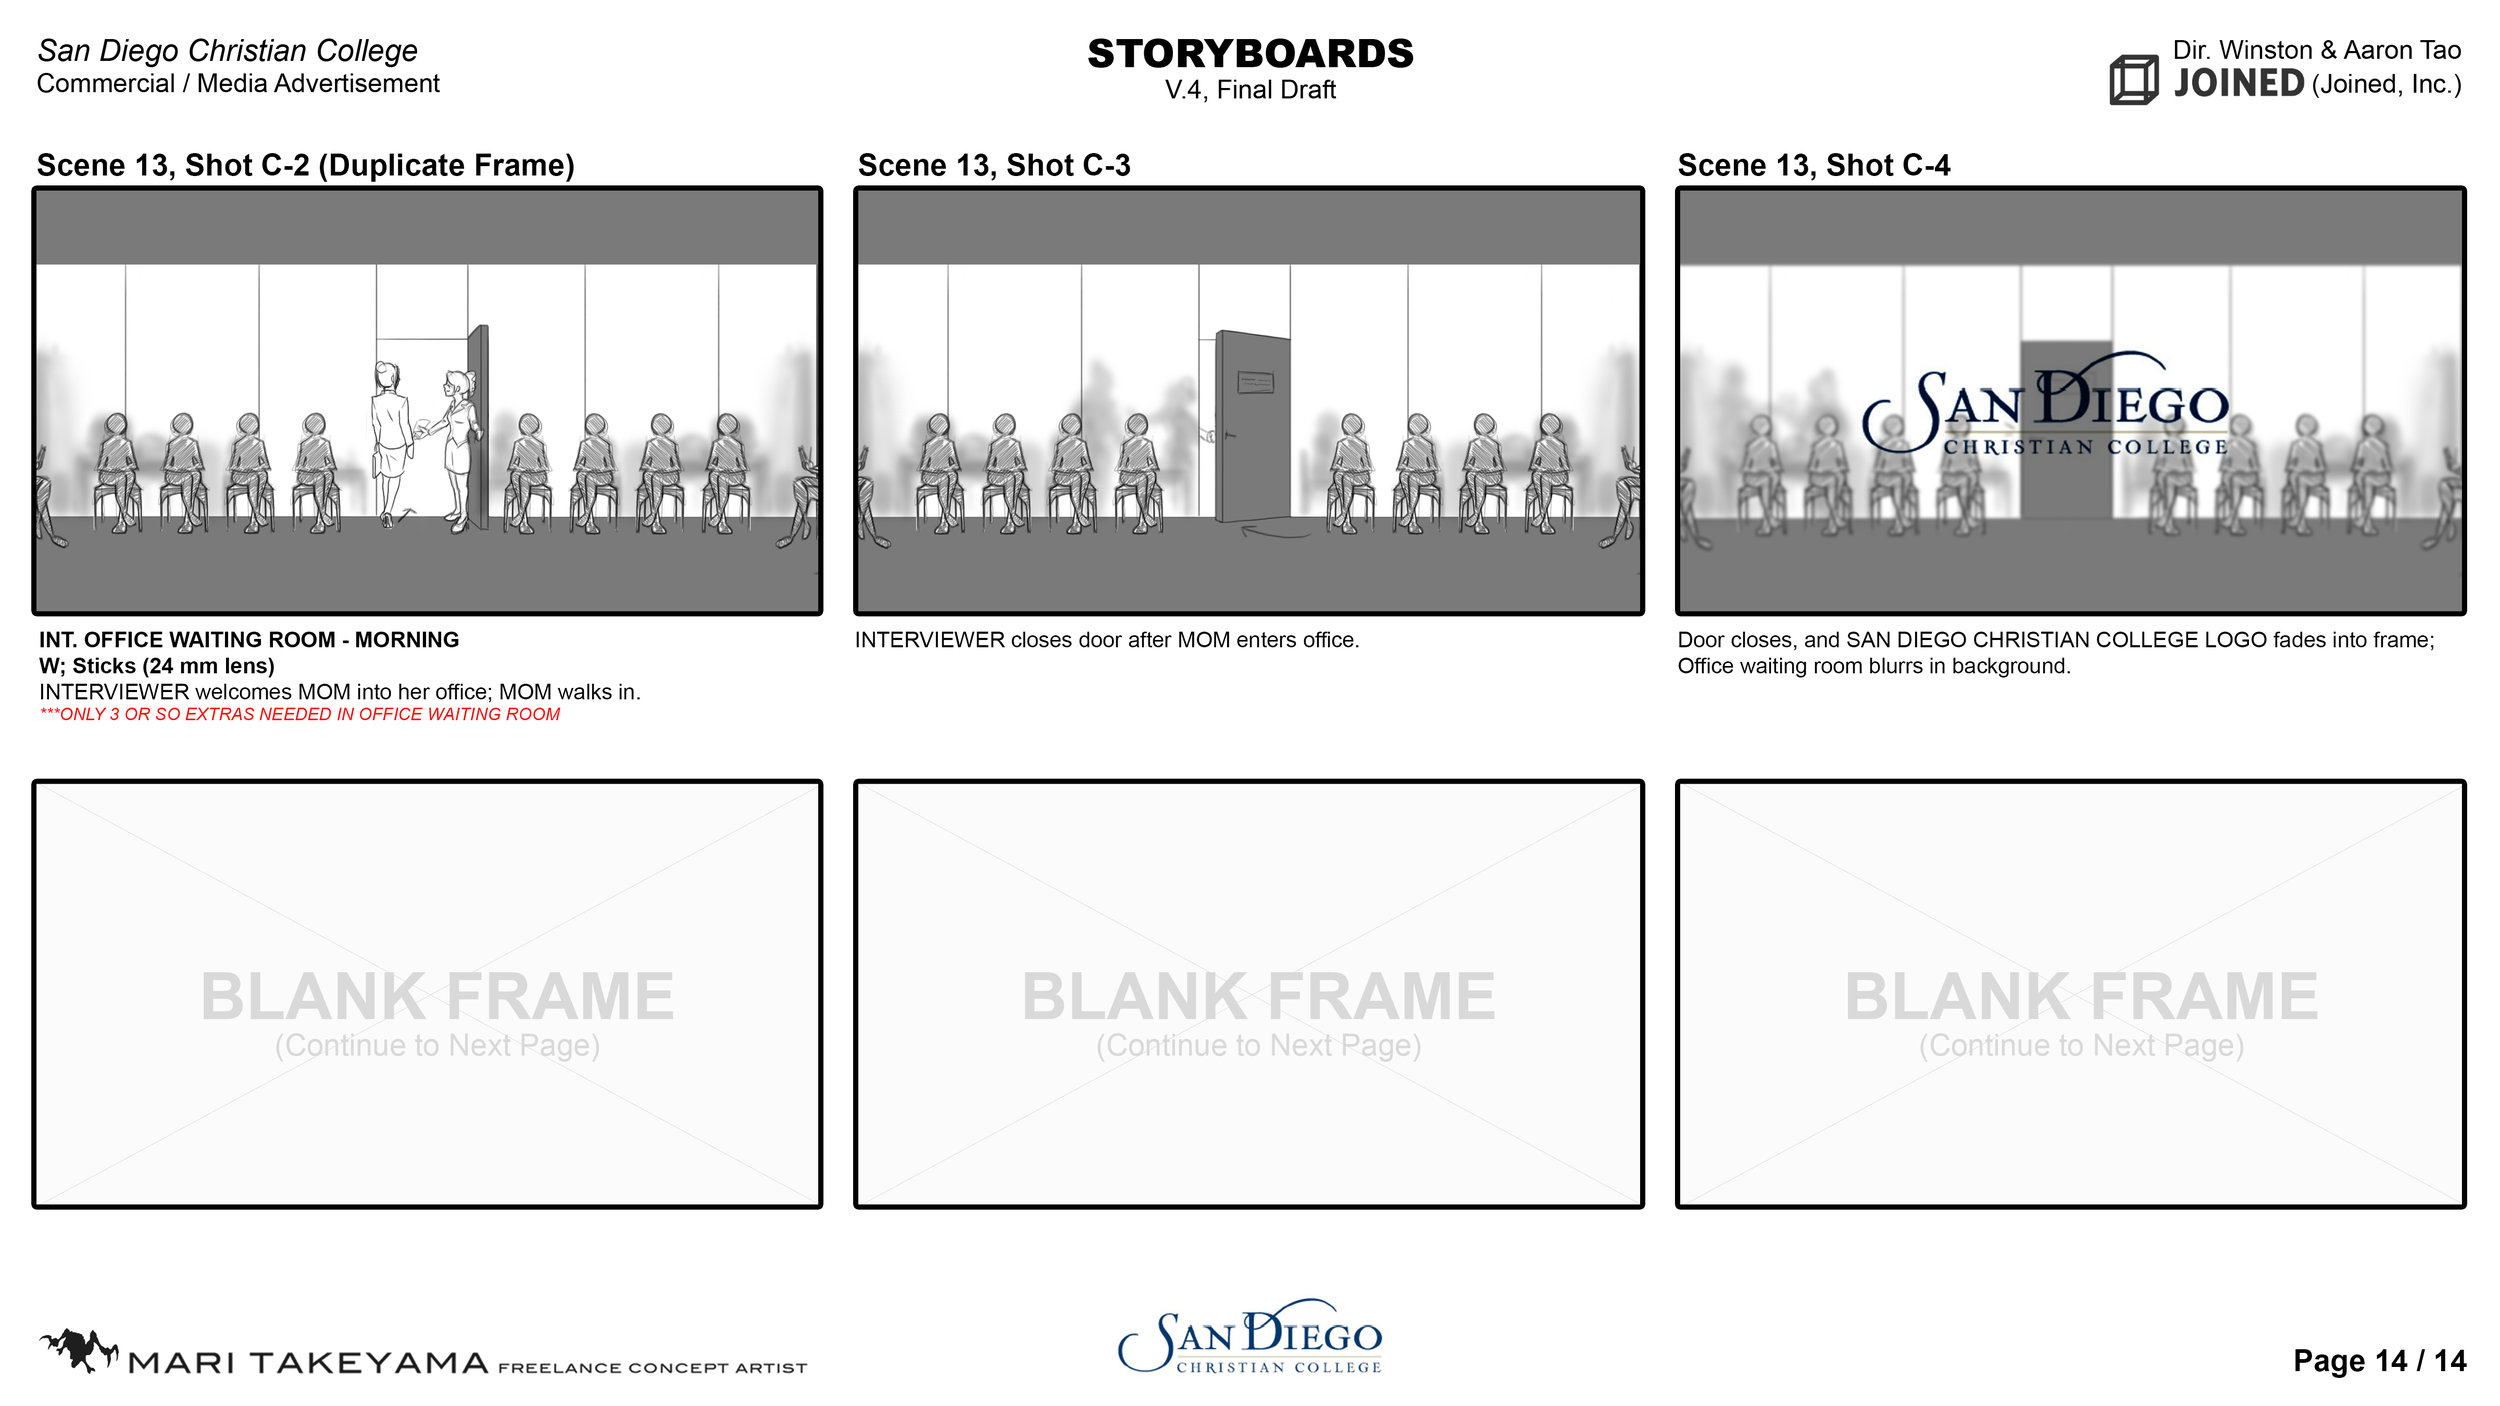 SDCC_Storyboards_FinalDraft_17.jpg